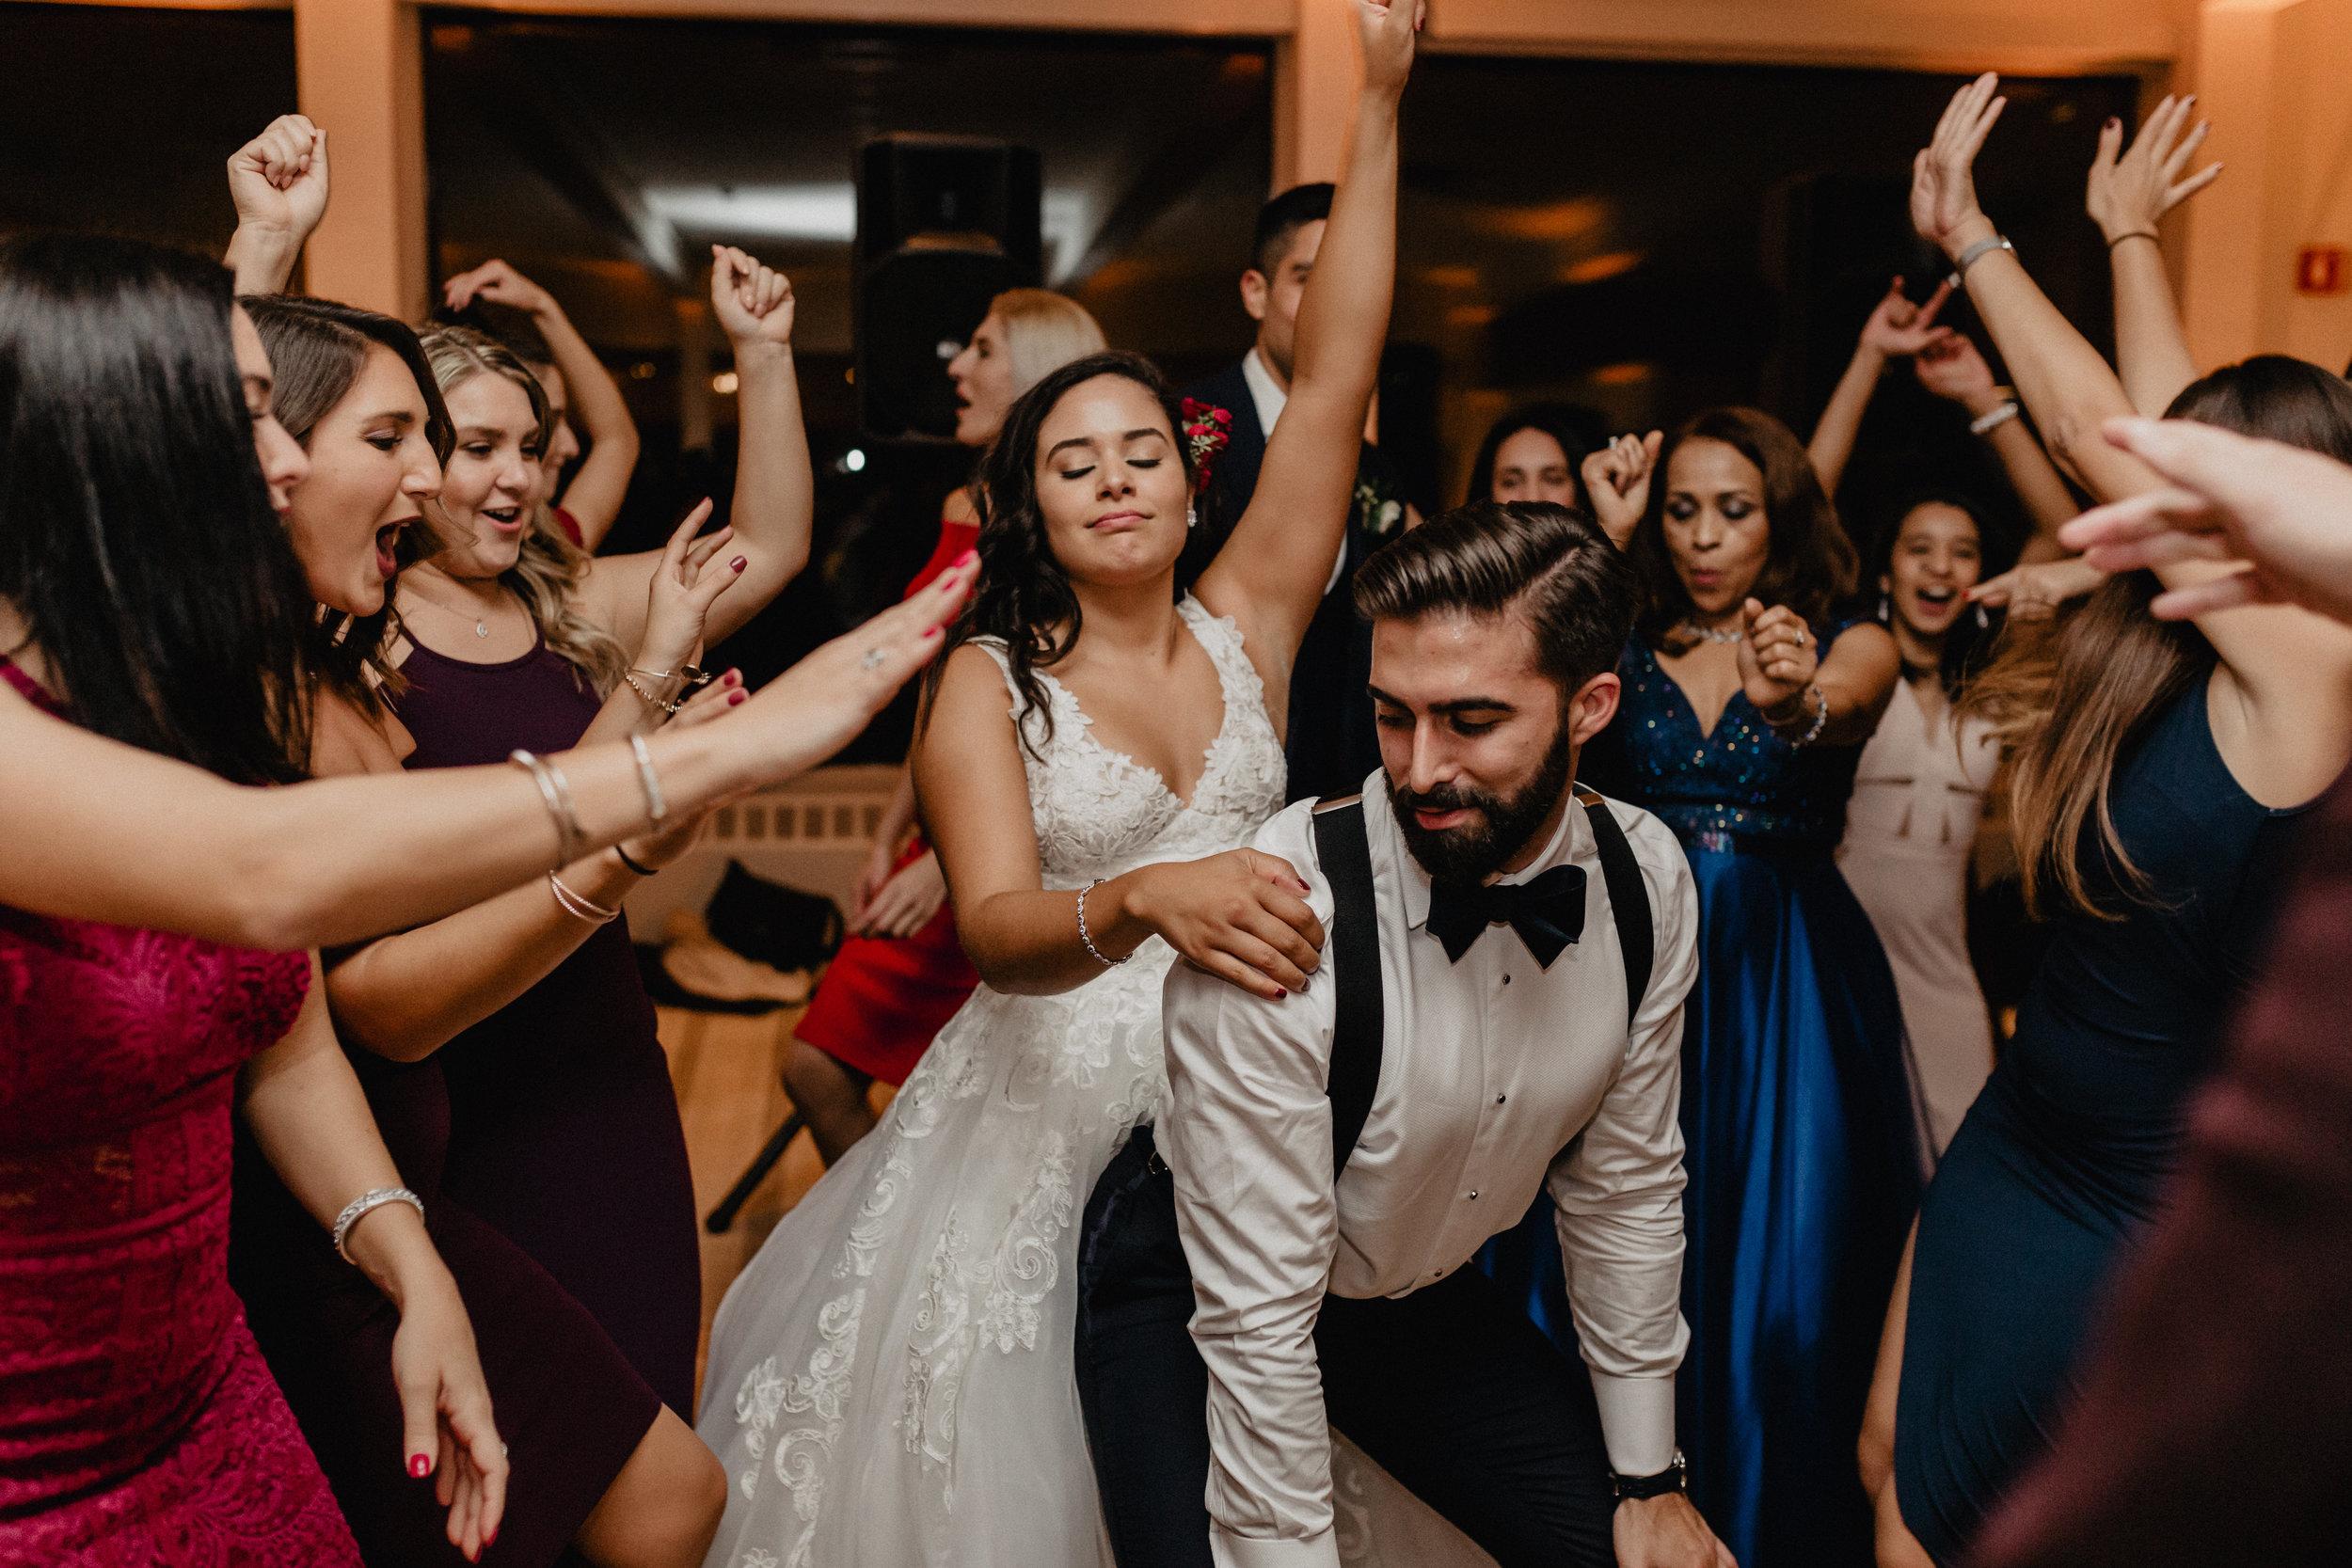 garrison_wedding_photos_102.jpg